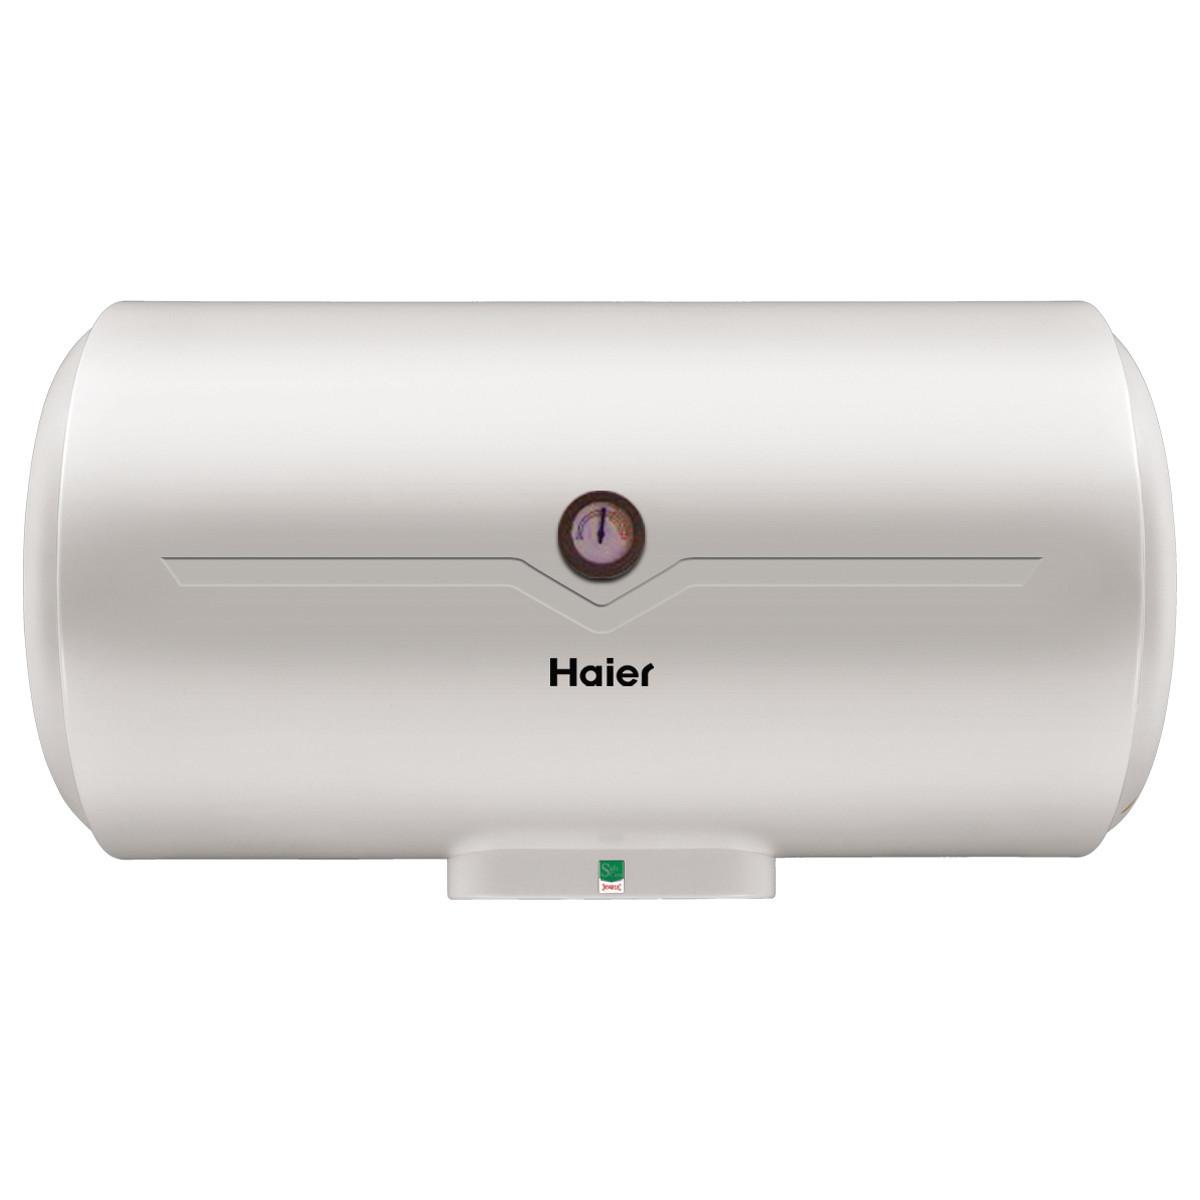 海尔电热水器_360百科